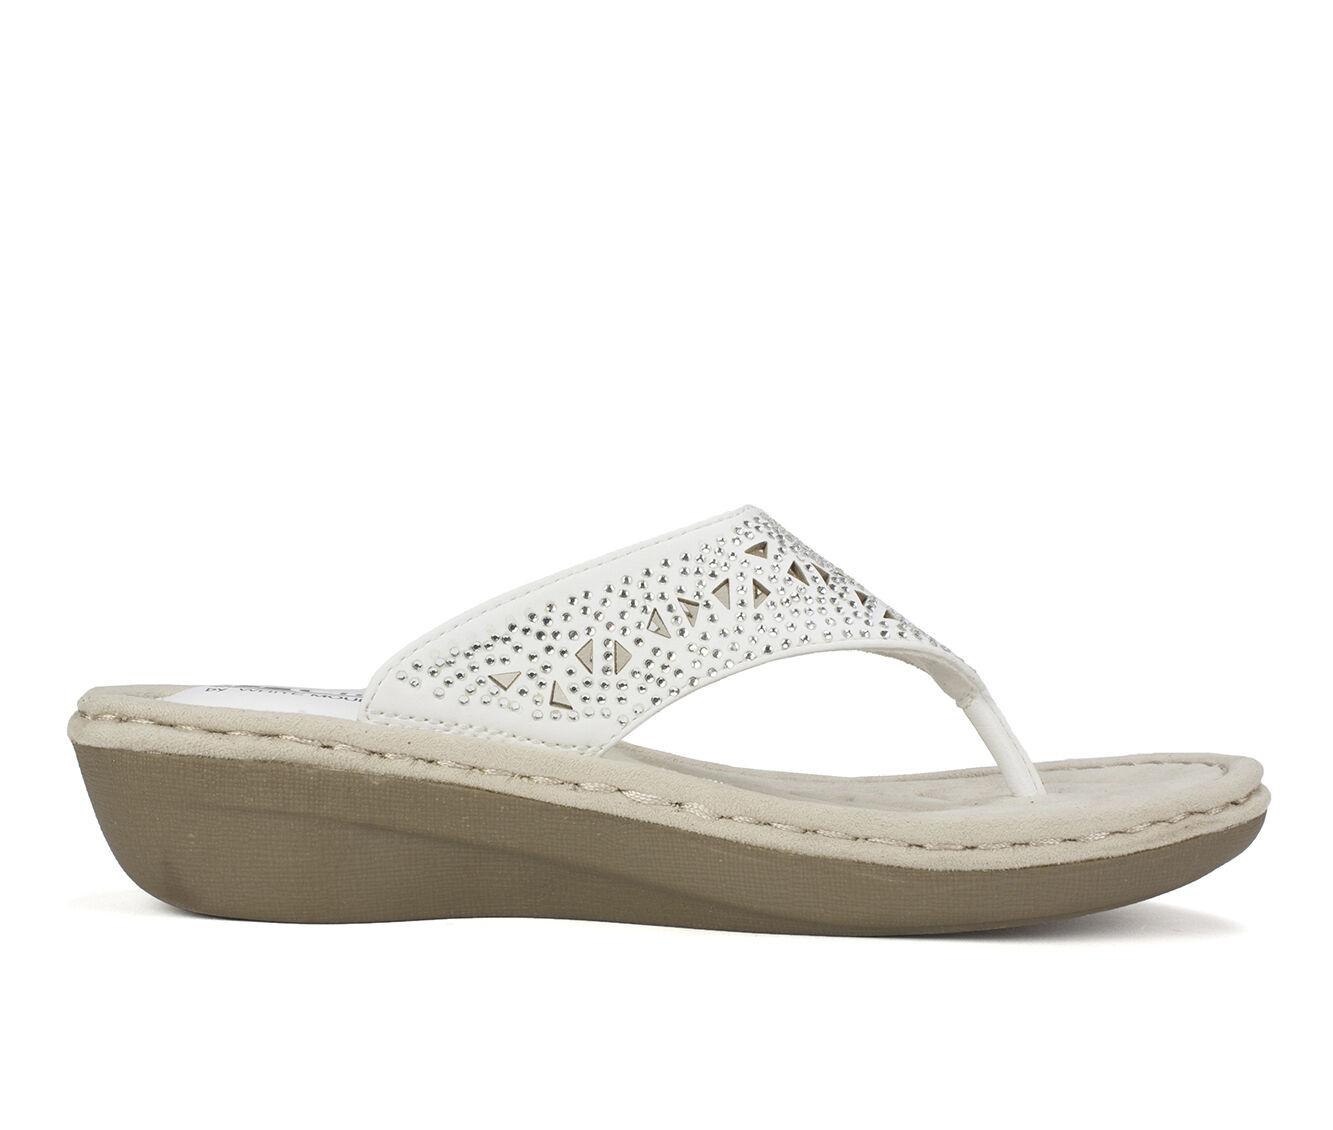 purchase sale Women's Cliffs Carlotta Sandals White